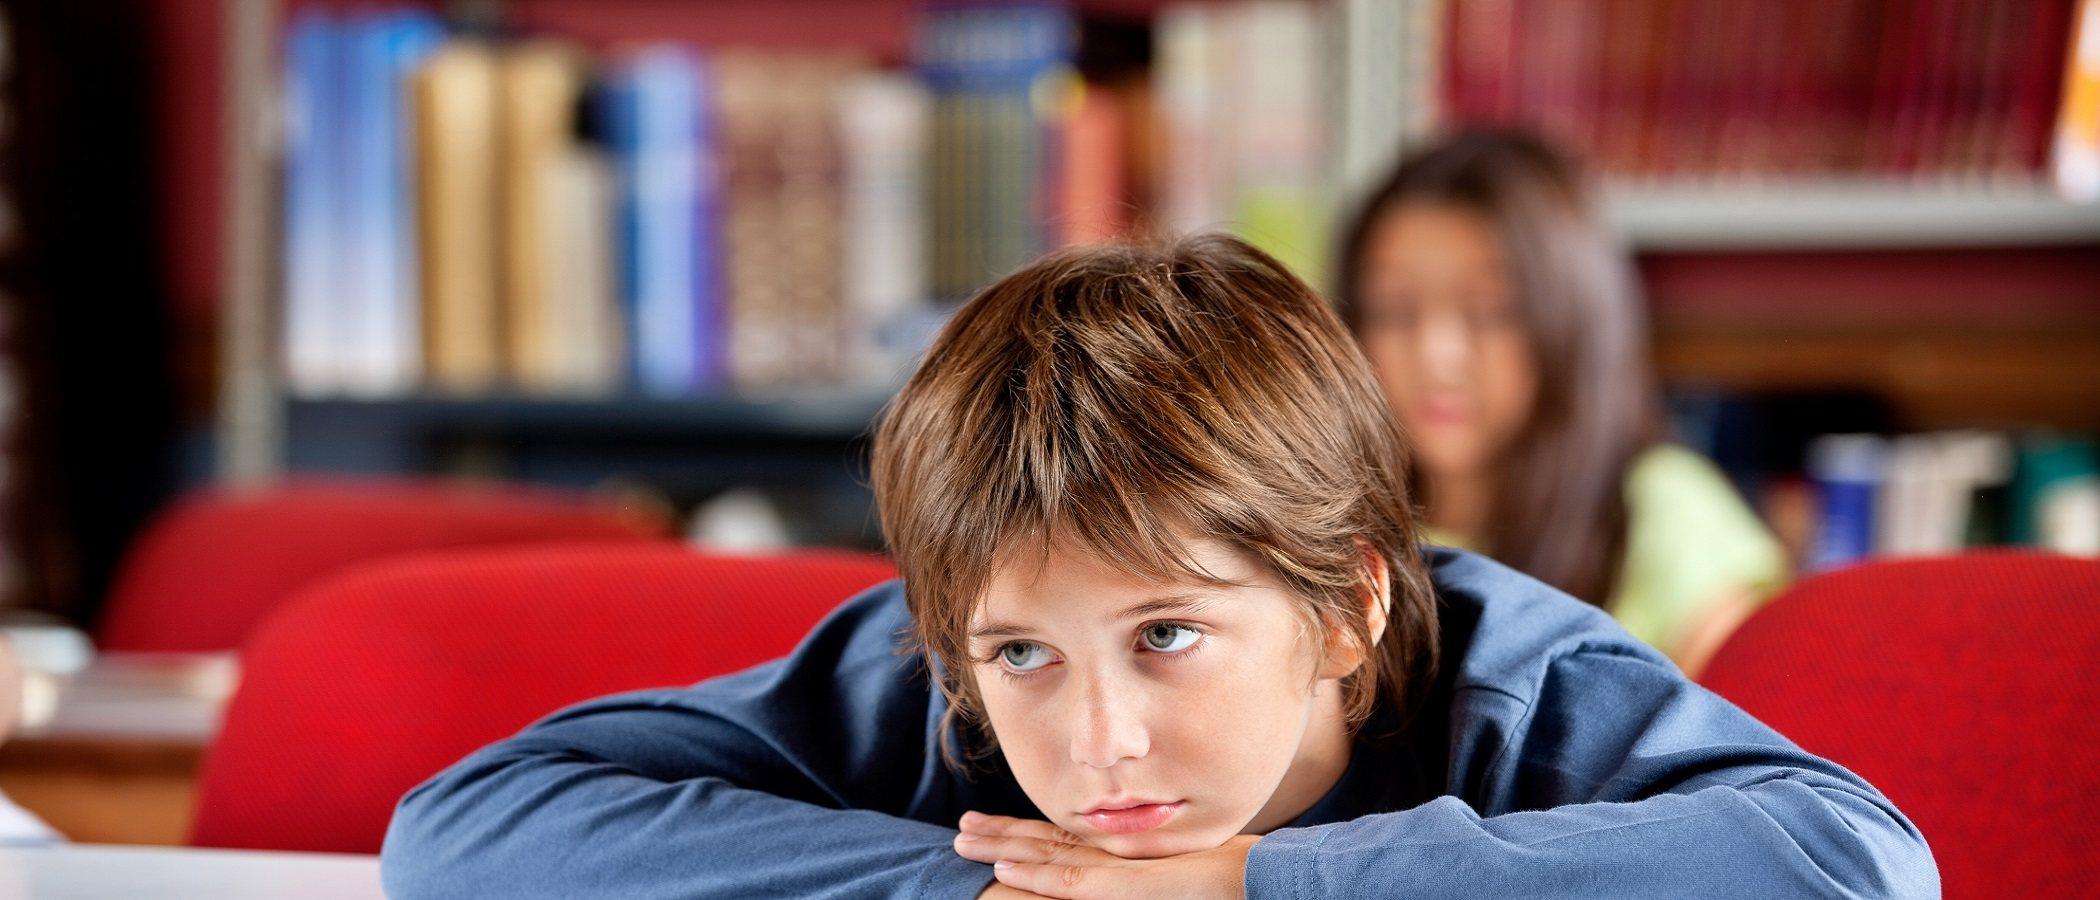 Fatiga extrema en niños, ¿por qué sucede y qué puedes hacer?